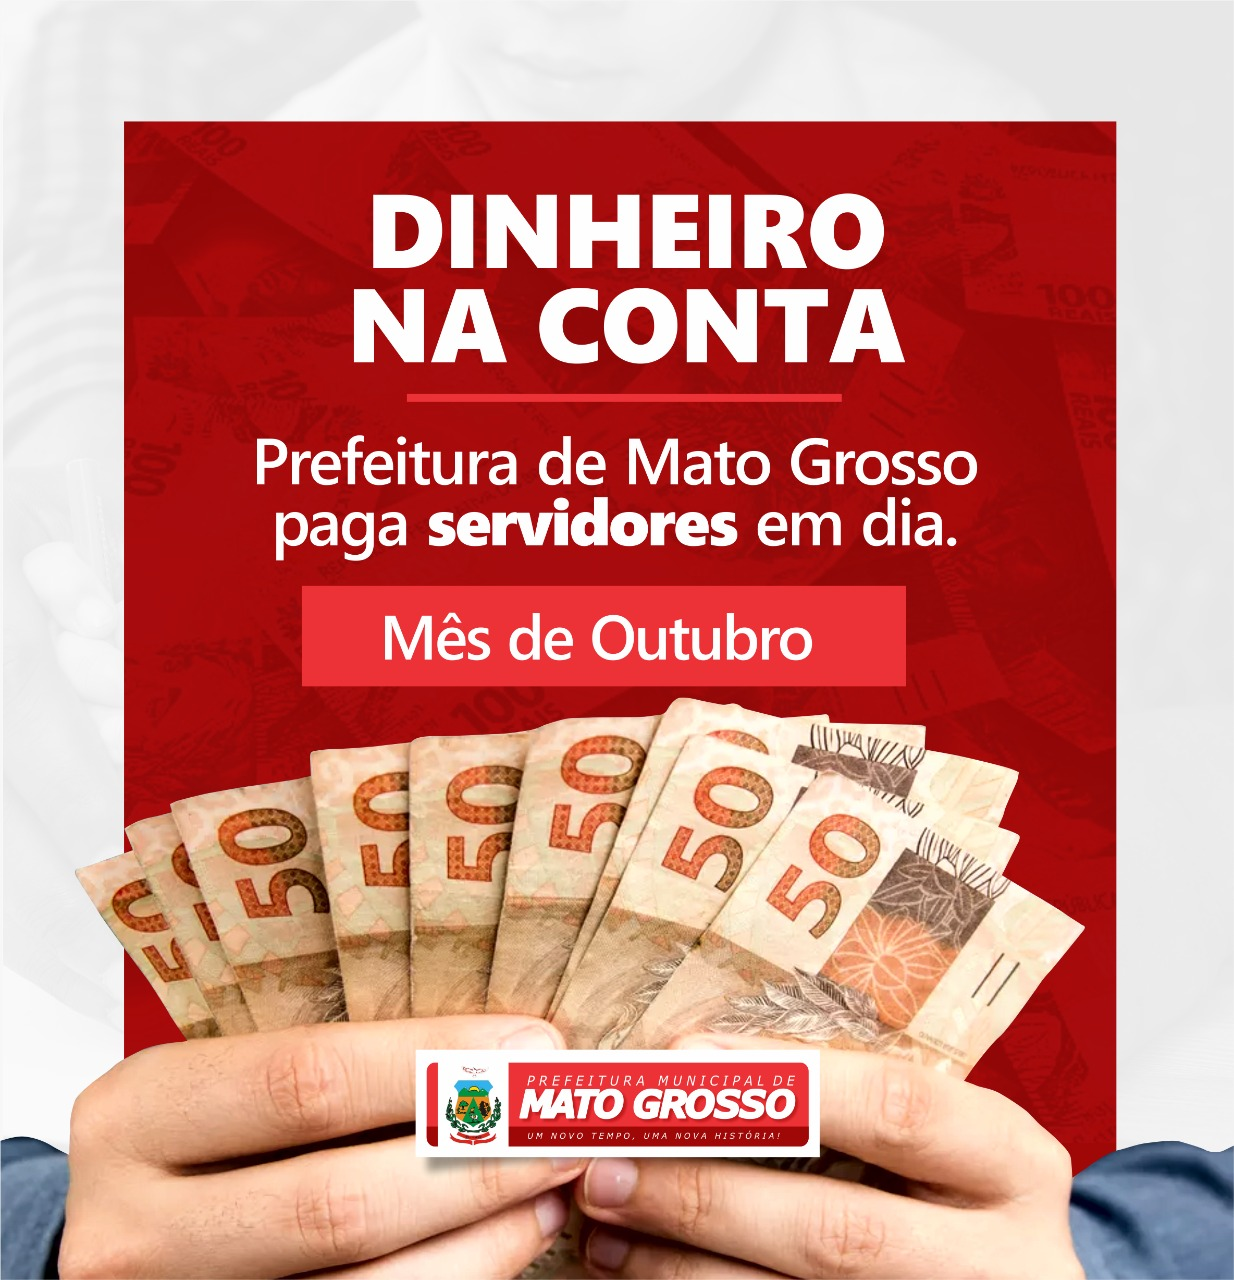 Servidores municipais de Mato Grosso recebem pagamento de outubro